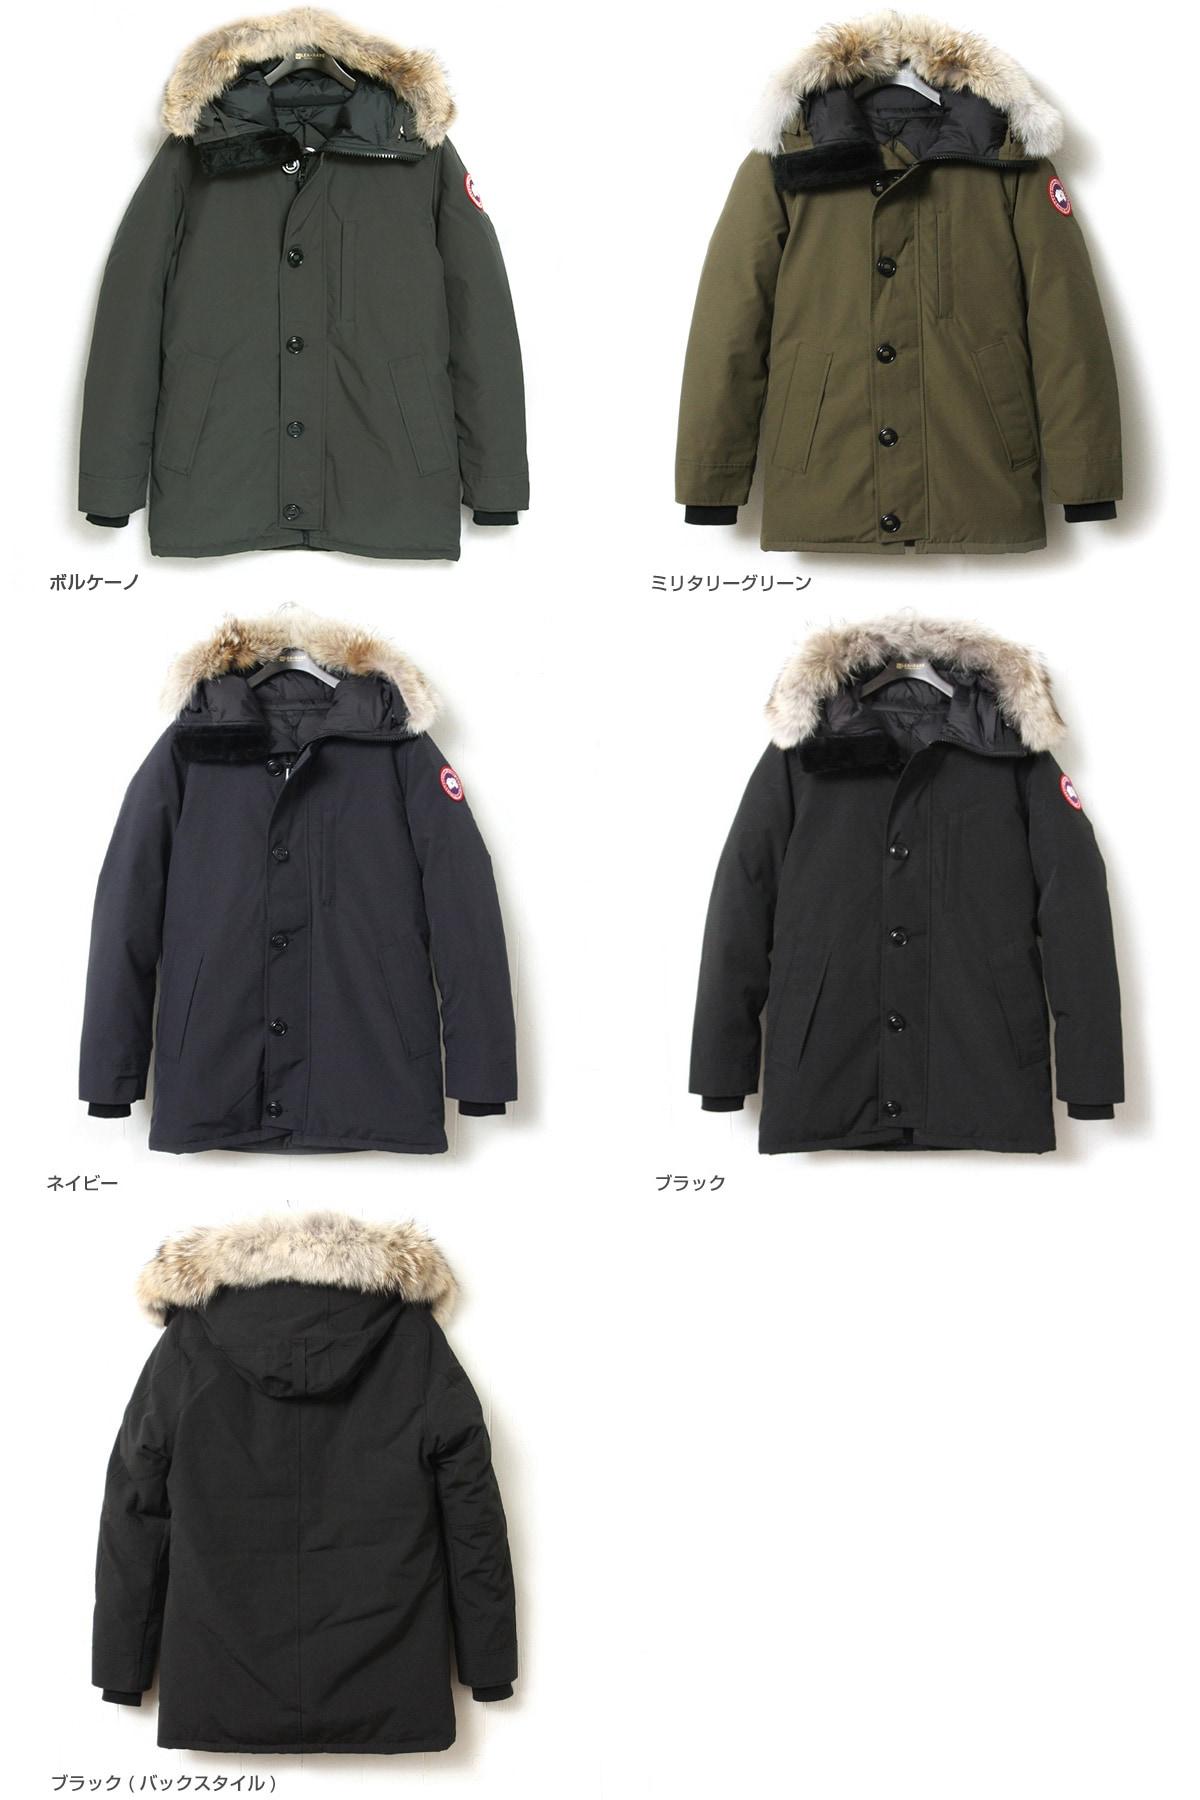 カナダグース ジャスパー CANADA GOOSE JASPER メンズ ダウン ジャケット コート 日本正規品